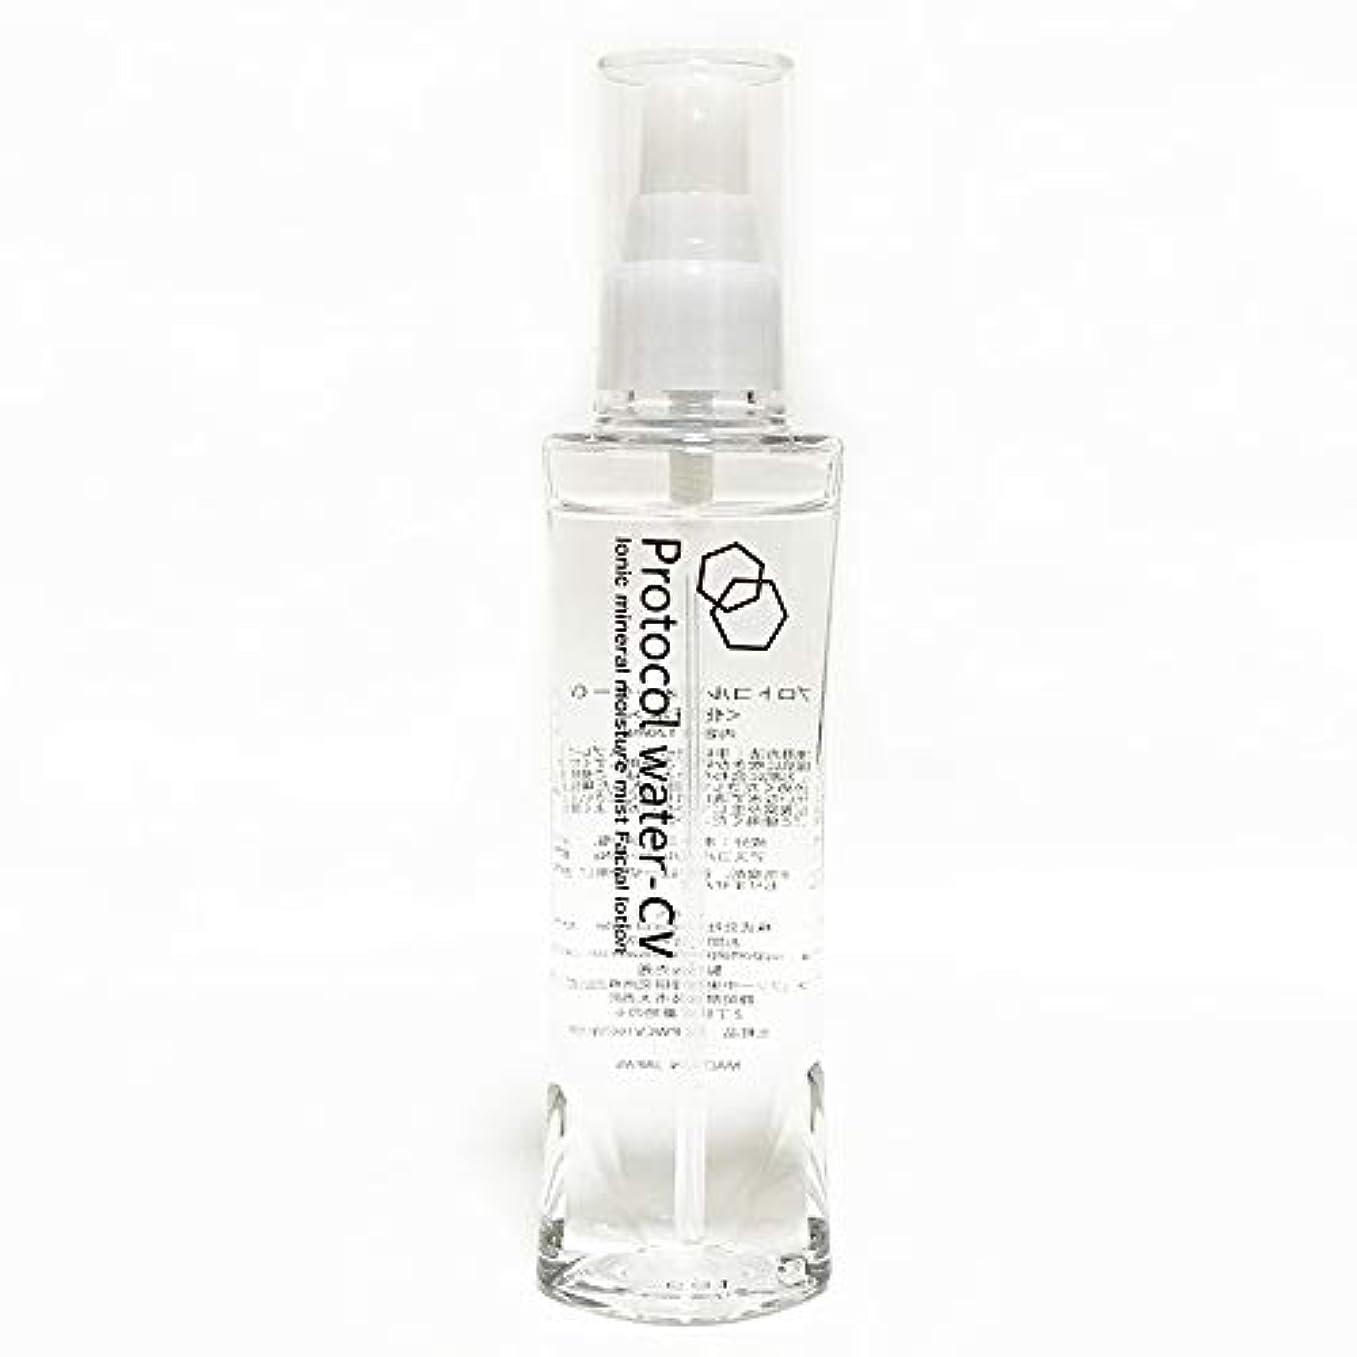 チューリップサラミ練るプロトコルウォーターCV オーガニック 防腐剤フリー 無香料 マイナスイオン化粧水 H2O&ミネラル塩+ビタミンC誘導体配合 120ml